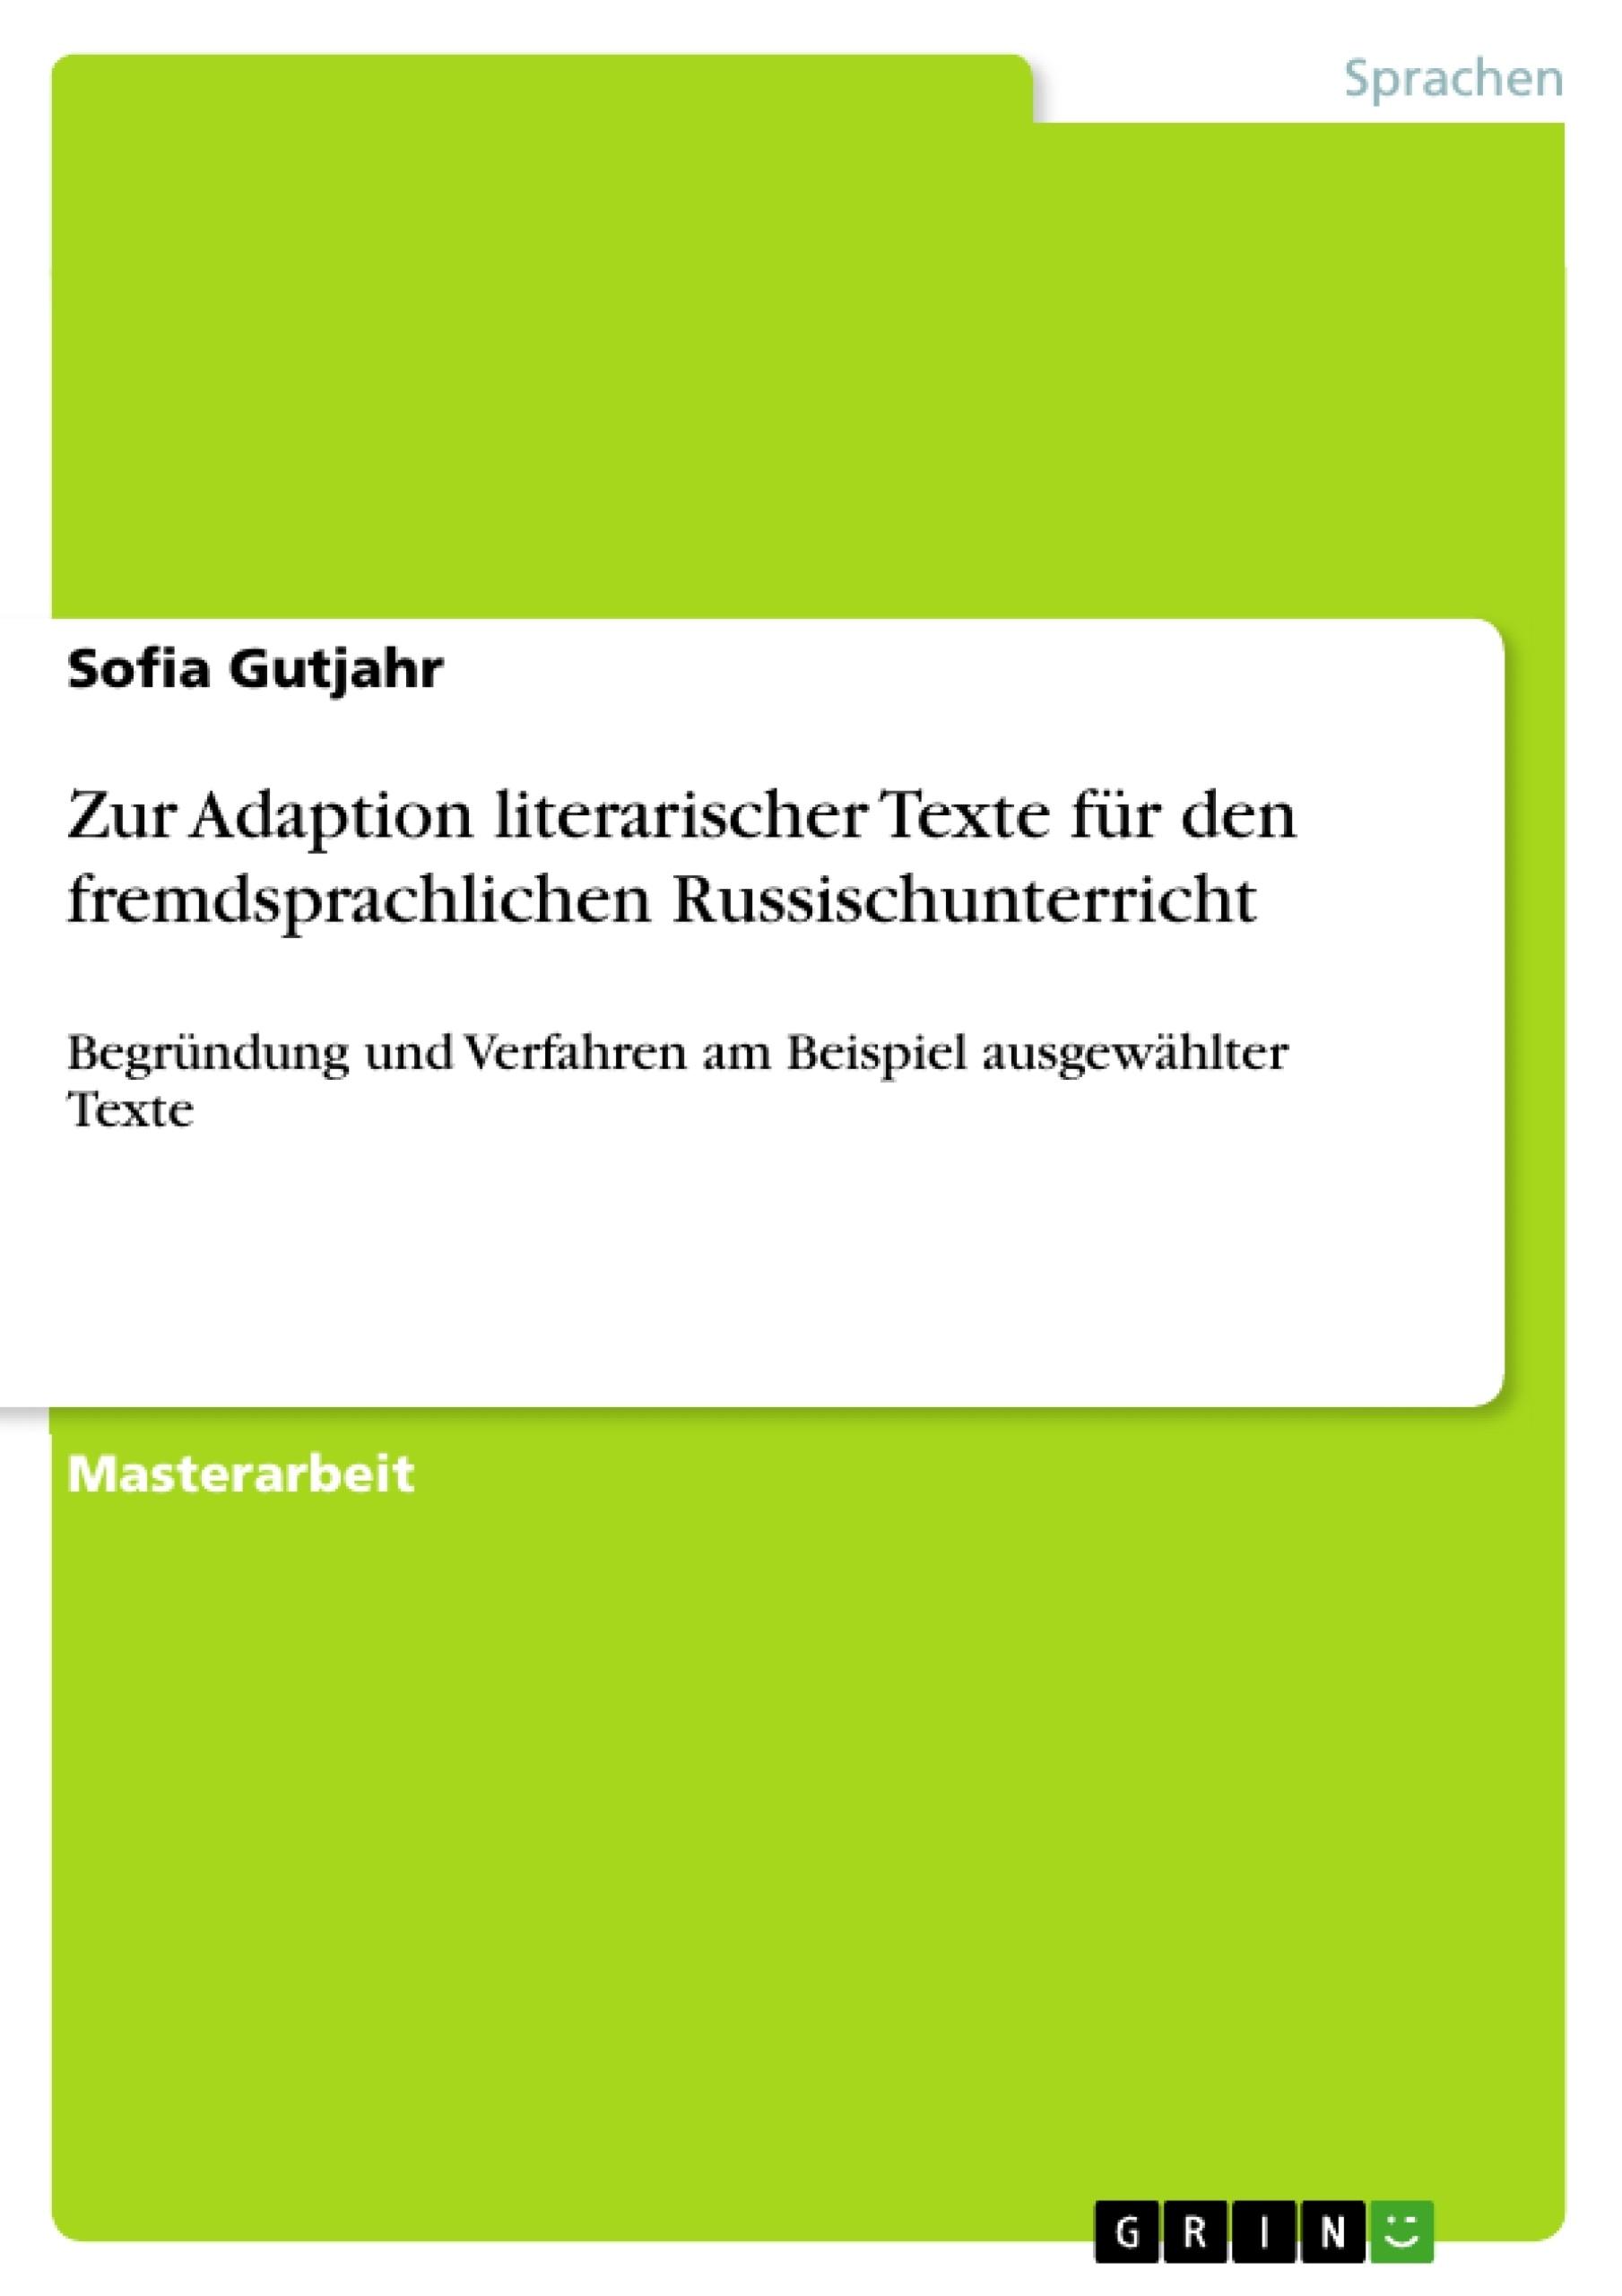 Titel: Zur Adaption literarischer Texte für den fremdsprachlichen Russischunterricht